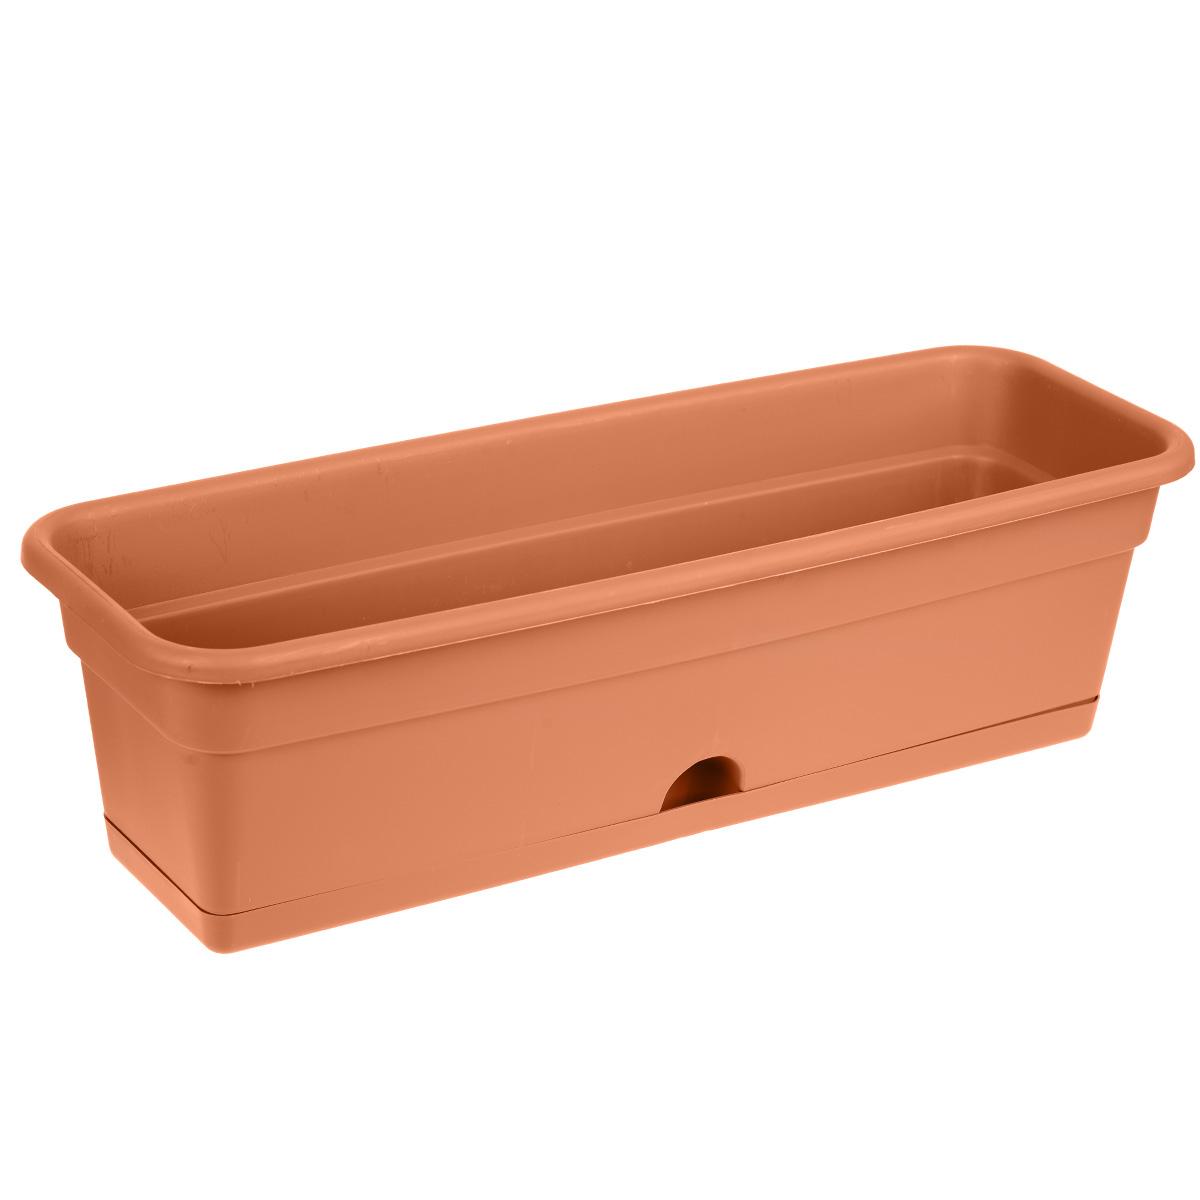 Балконный ящик Darel Plastic, с поддоном, цвет: терракотовый, 60 х 20 х 17 см531-402Балконный ящик Darel Plastic изготовлен из прочного полипропилена (пластика). Снабжен поддоном для стока воды. Система нижнего полива очень удобна для отдельного вида растений - при этом вода наливается не сверху, а внутрь поддона. Изделие прекрасно подходит для выращивания рассады, растений и цветов в домашних условиях.